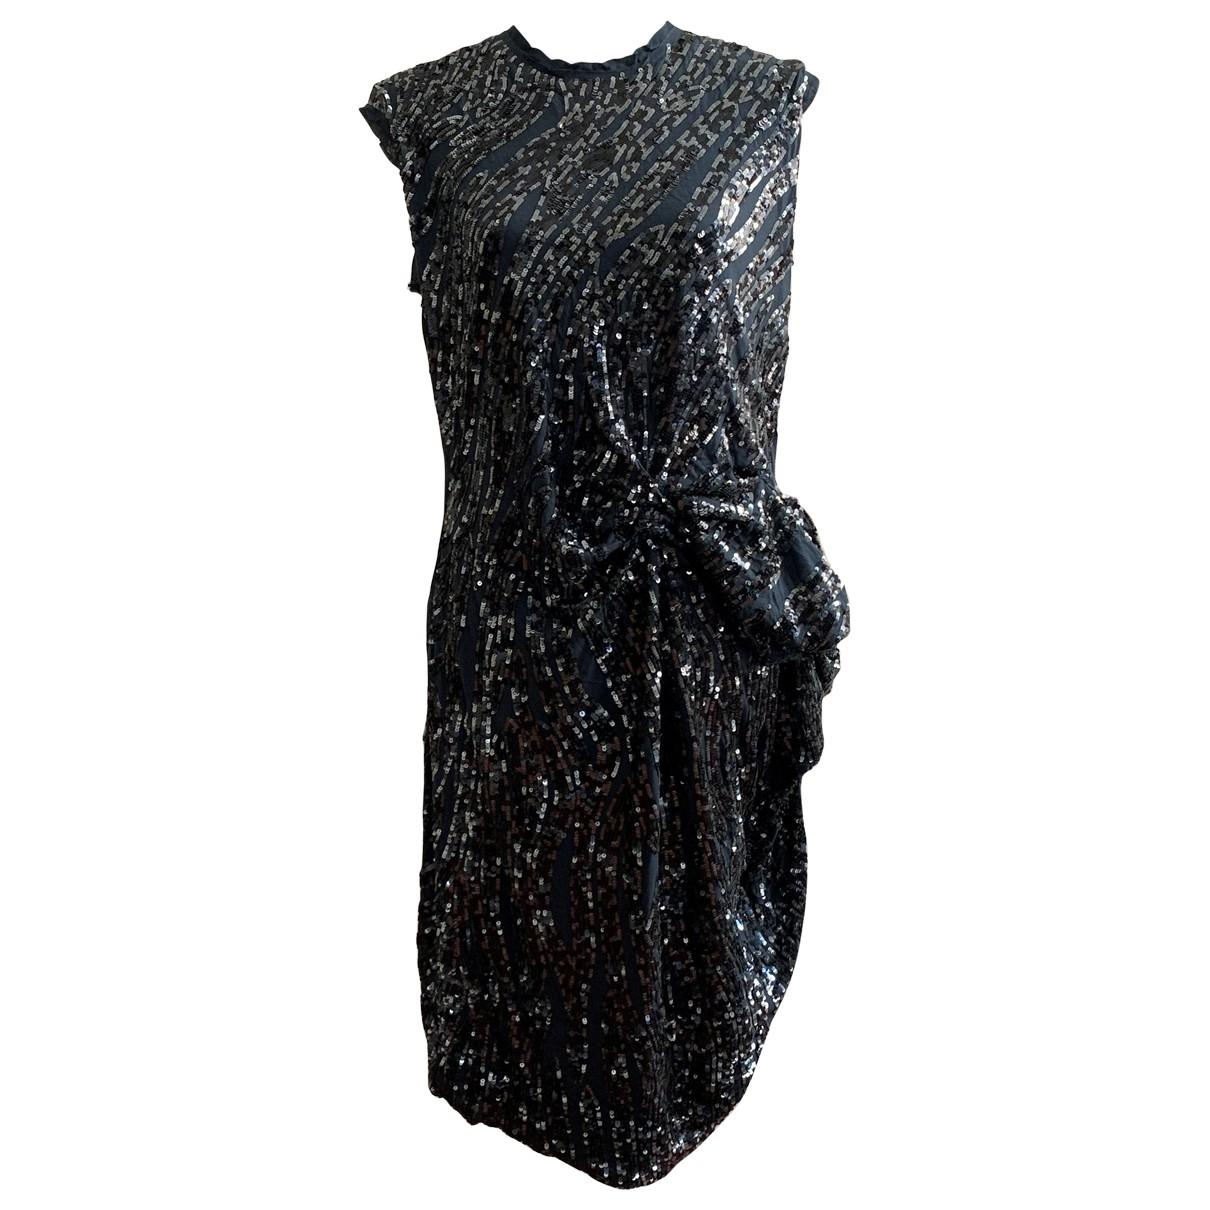 Lanvin \N Kleid in  Marine Mit Pailletten